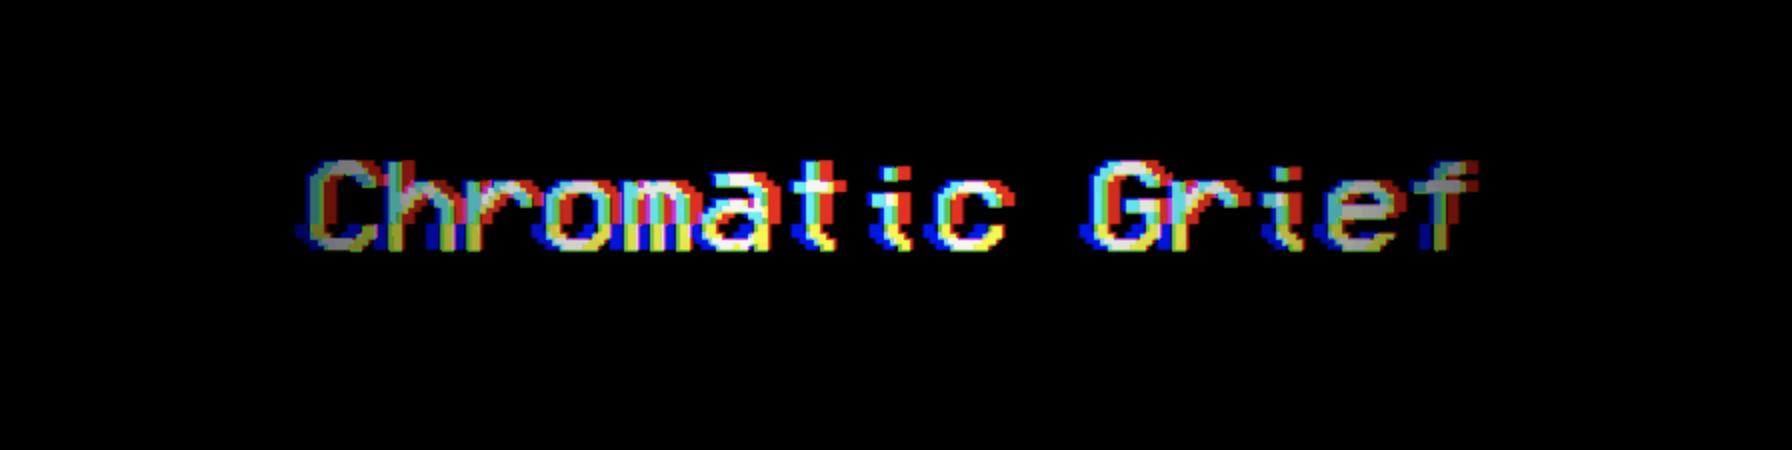 Chromatic Grief, gamejam uniandes, gamejam, uniandes, tan grande y jugando, Sergio Madera, cristobal vargas, andres felipe herrera, juan camilo castañeda, marcos molina,